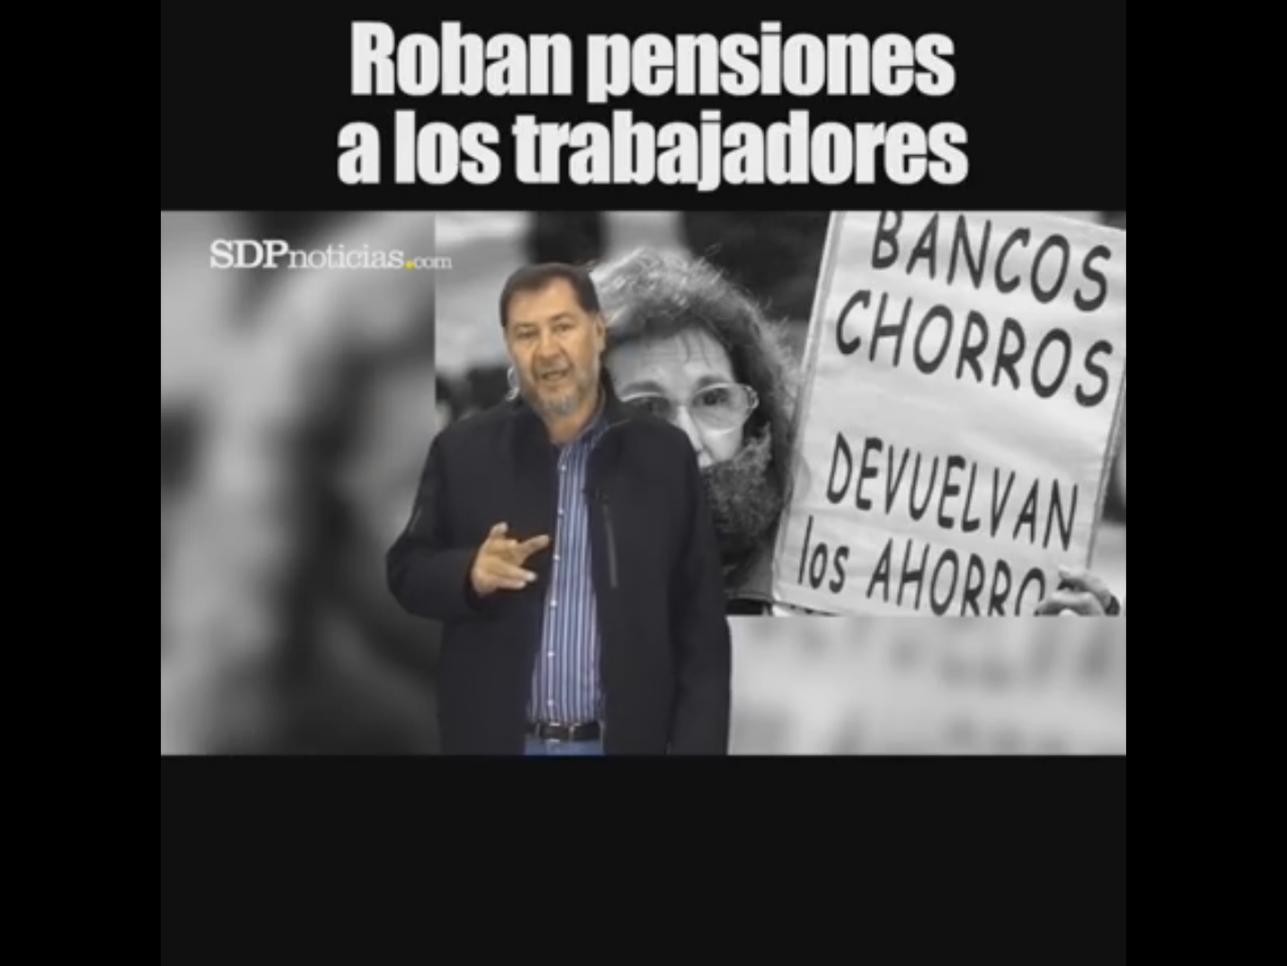 VIDEO: ROBAN PENSIONES A LOS TRABAJADORES